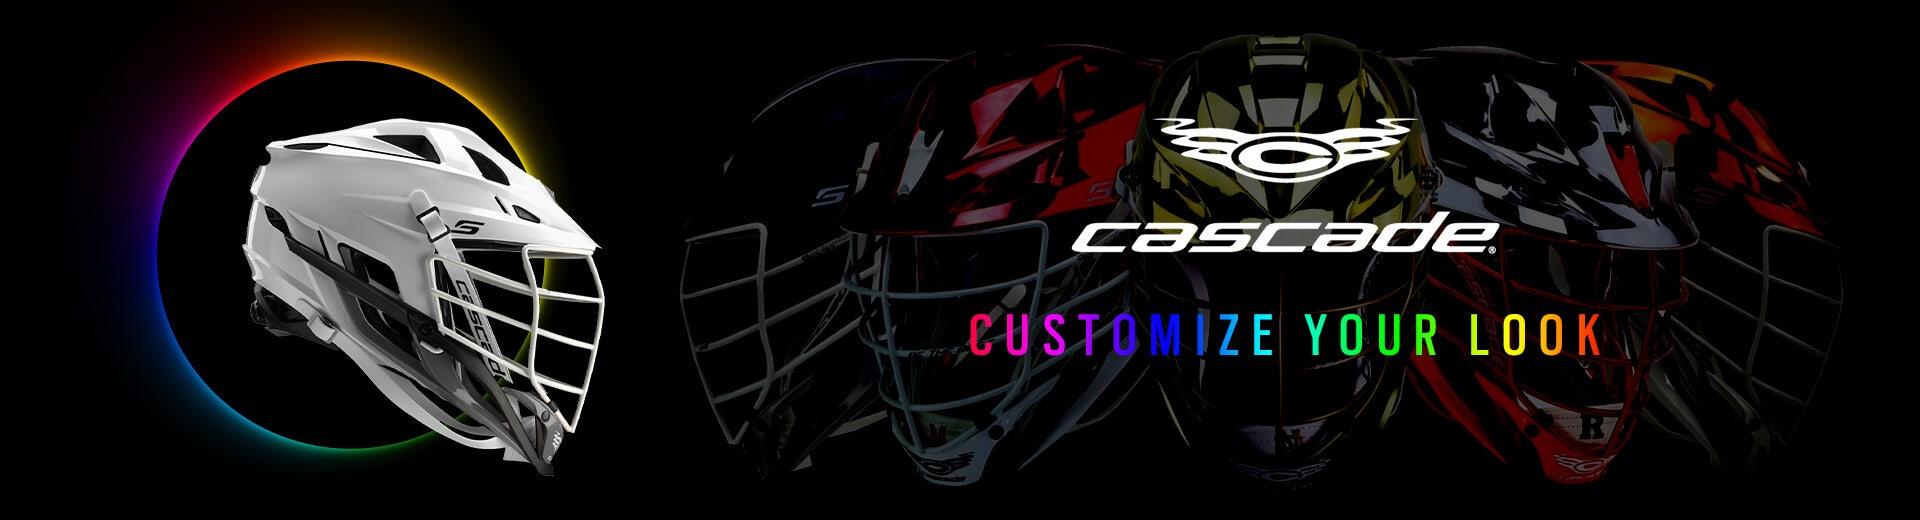 Lacrosse Equipment, Lax Gear, Lacrosse Sticks | Lacrosse Unlimited